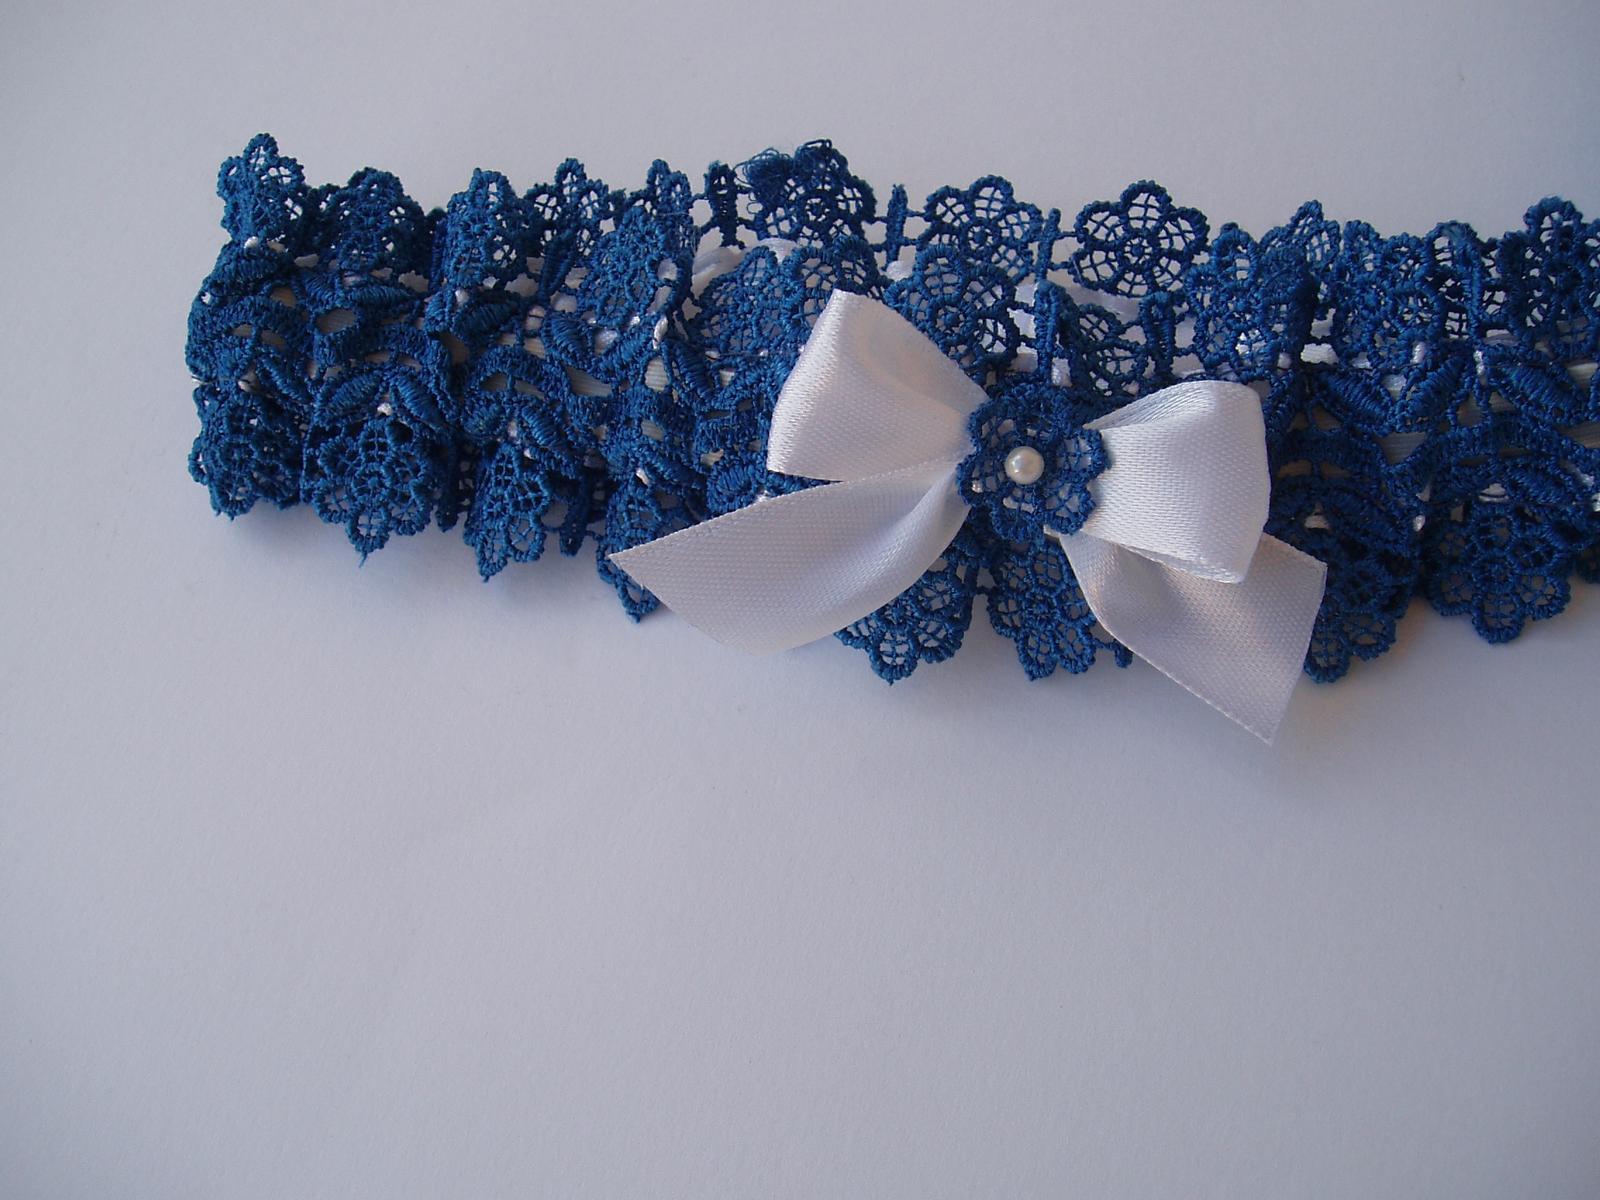 modrý podvazek s mašličkou - Obrázek č. 1